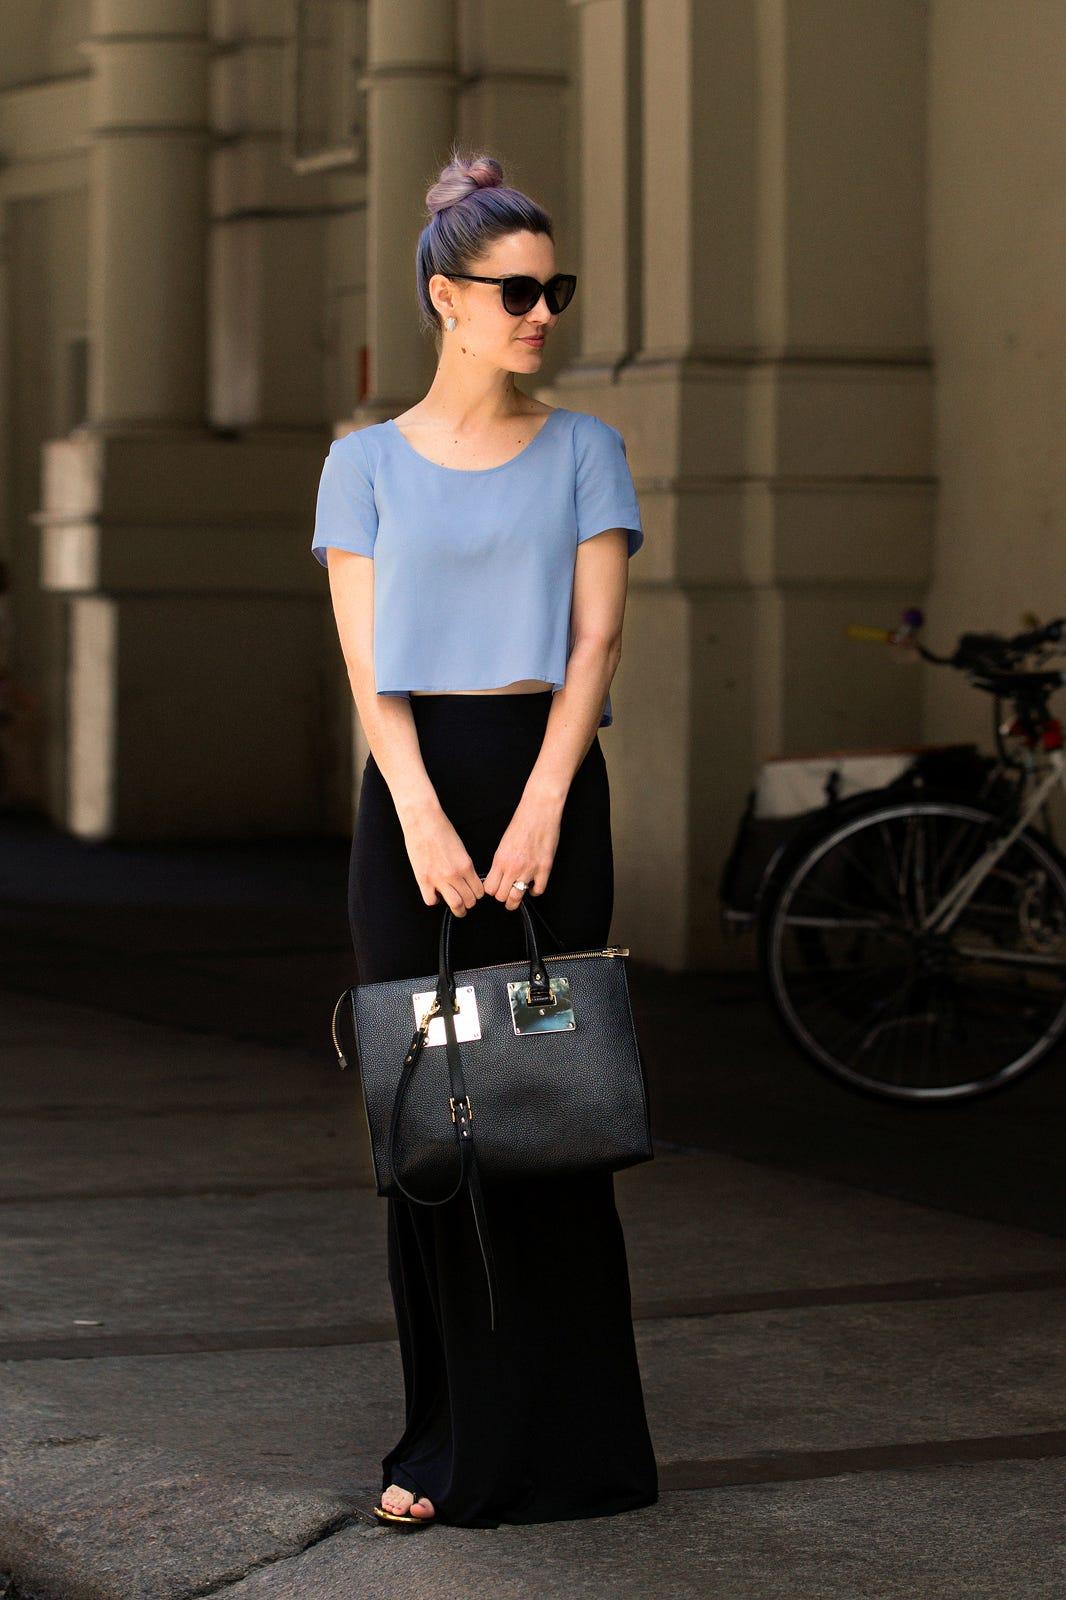 afc9d7f3731 Summer Street Style- NYC Fashion